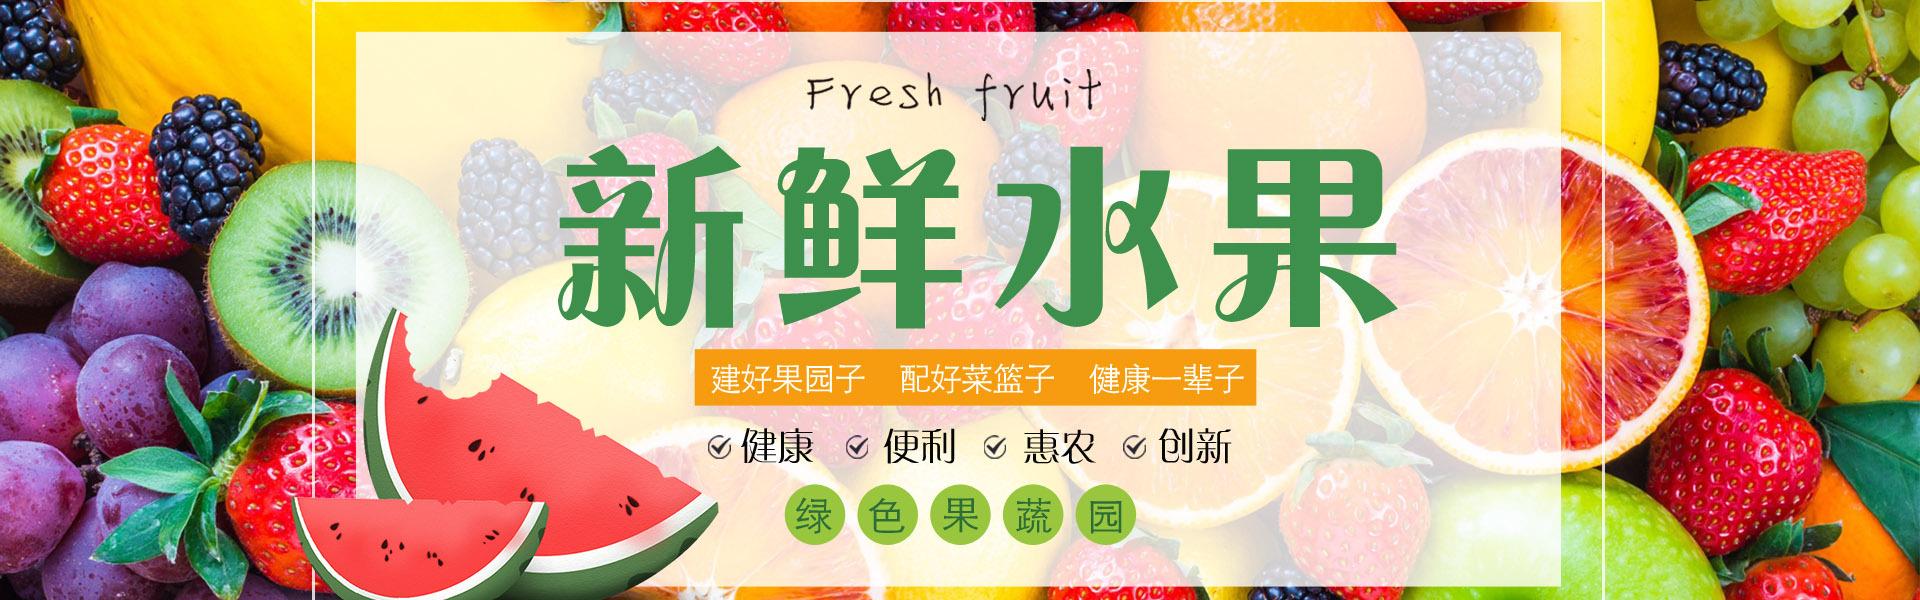 甘肃天玺农业科技有限公司(手机:18693043339)是一家集绿色无公害农业产品种植,种子培育,土壤改良、功能肥料(水溶肥料)研发销售,生鲜(水果蔬菜)批发,销售、配送为一体的现代化高科技农业公司。